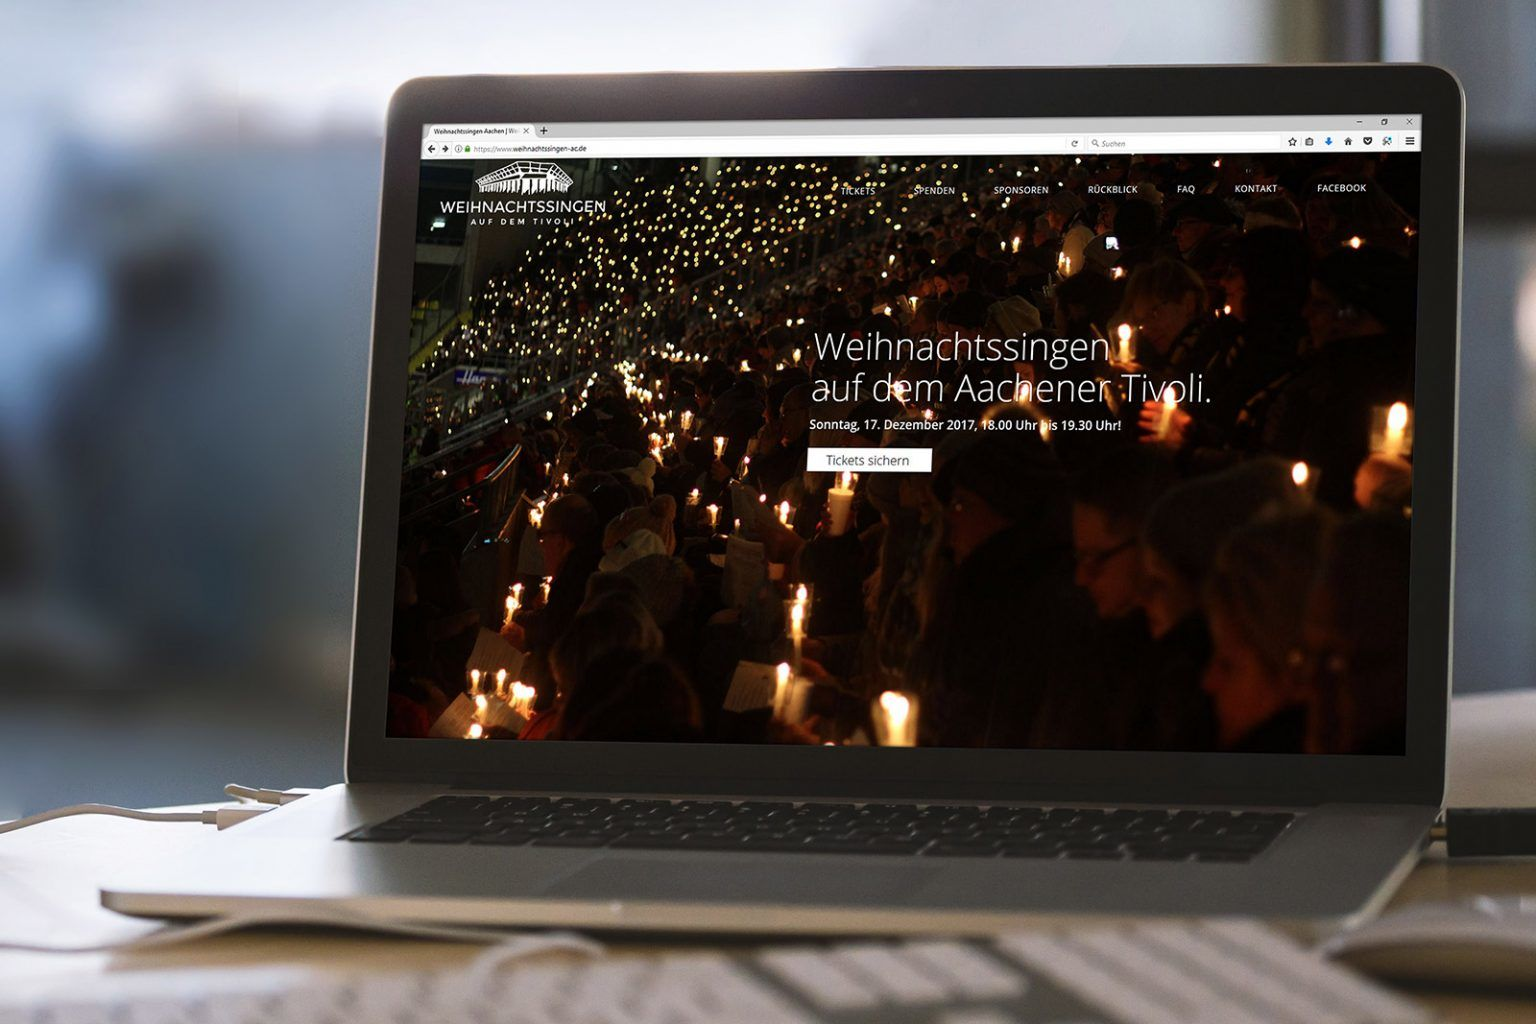 Die neue Webseite zum Weihnachtssingen auf dem Aachener Tivoli wurde von der GRÜN Software AG komplett überarbeitet.